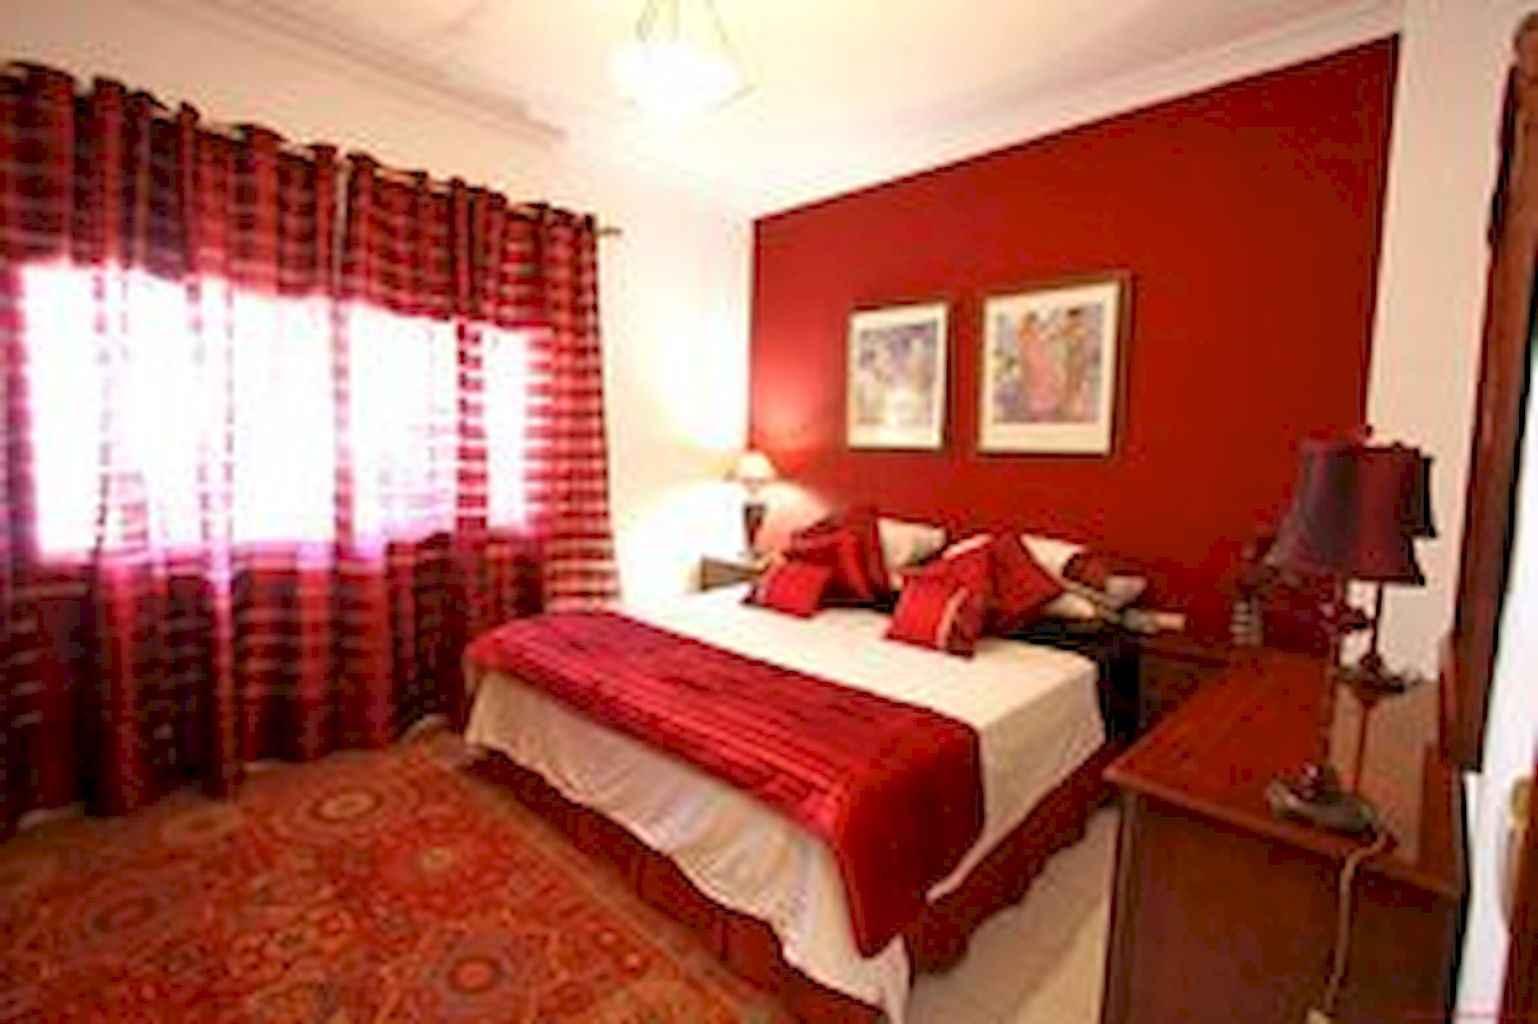 50 Romantic Valentine Bedroom Decor Ideas (20)